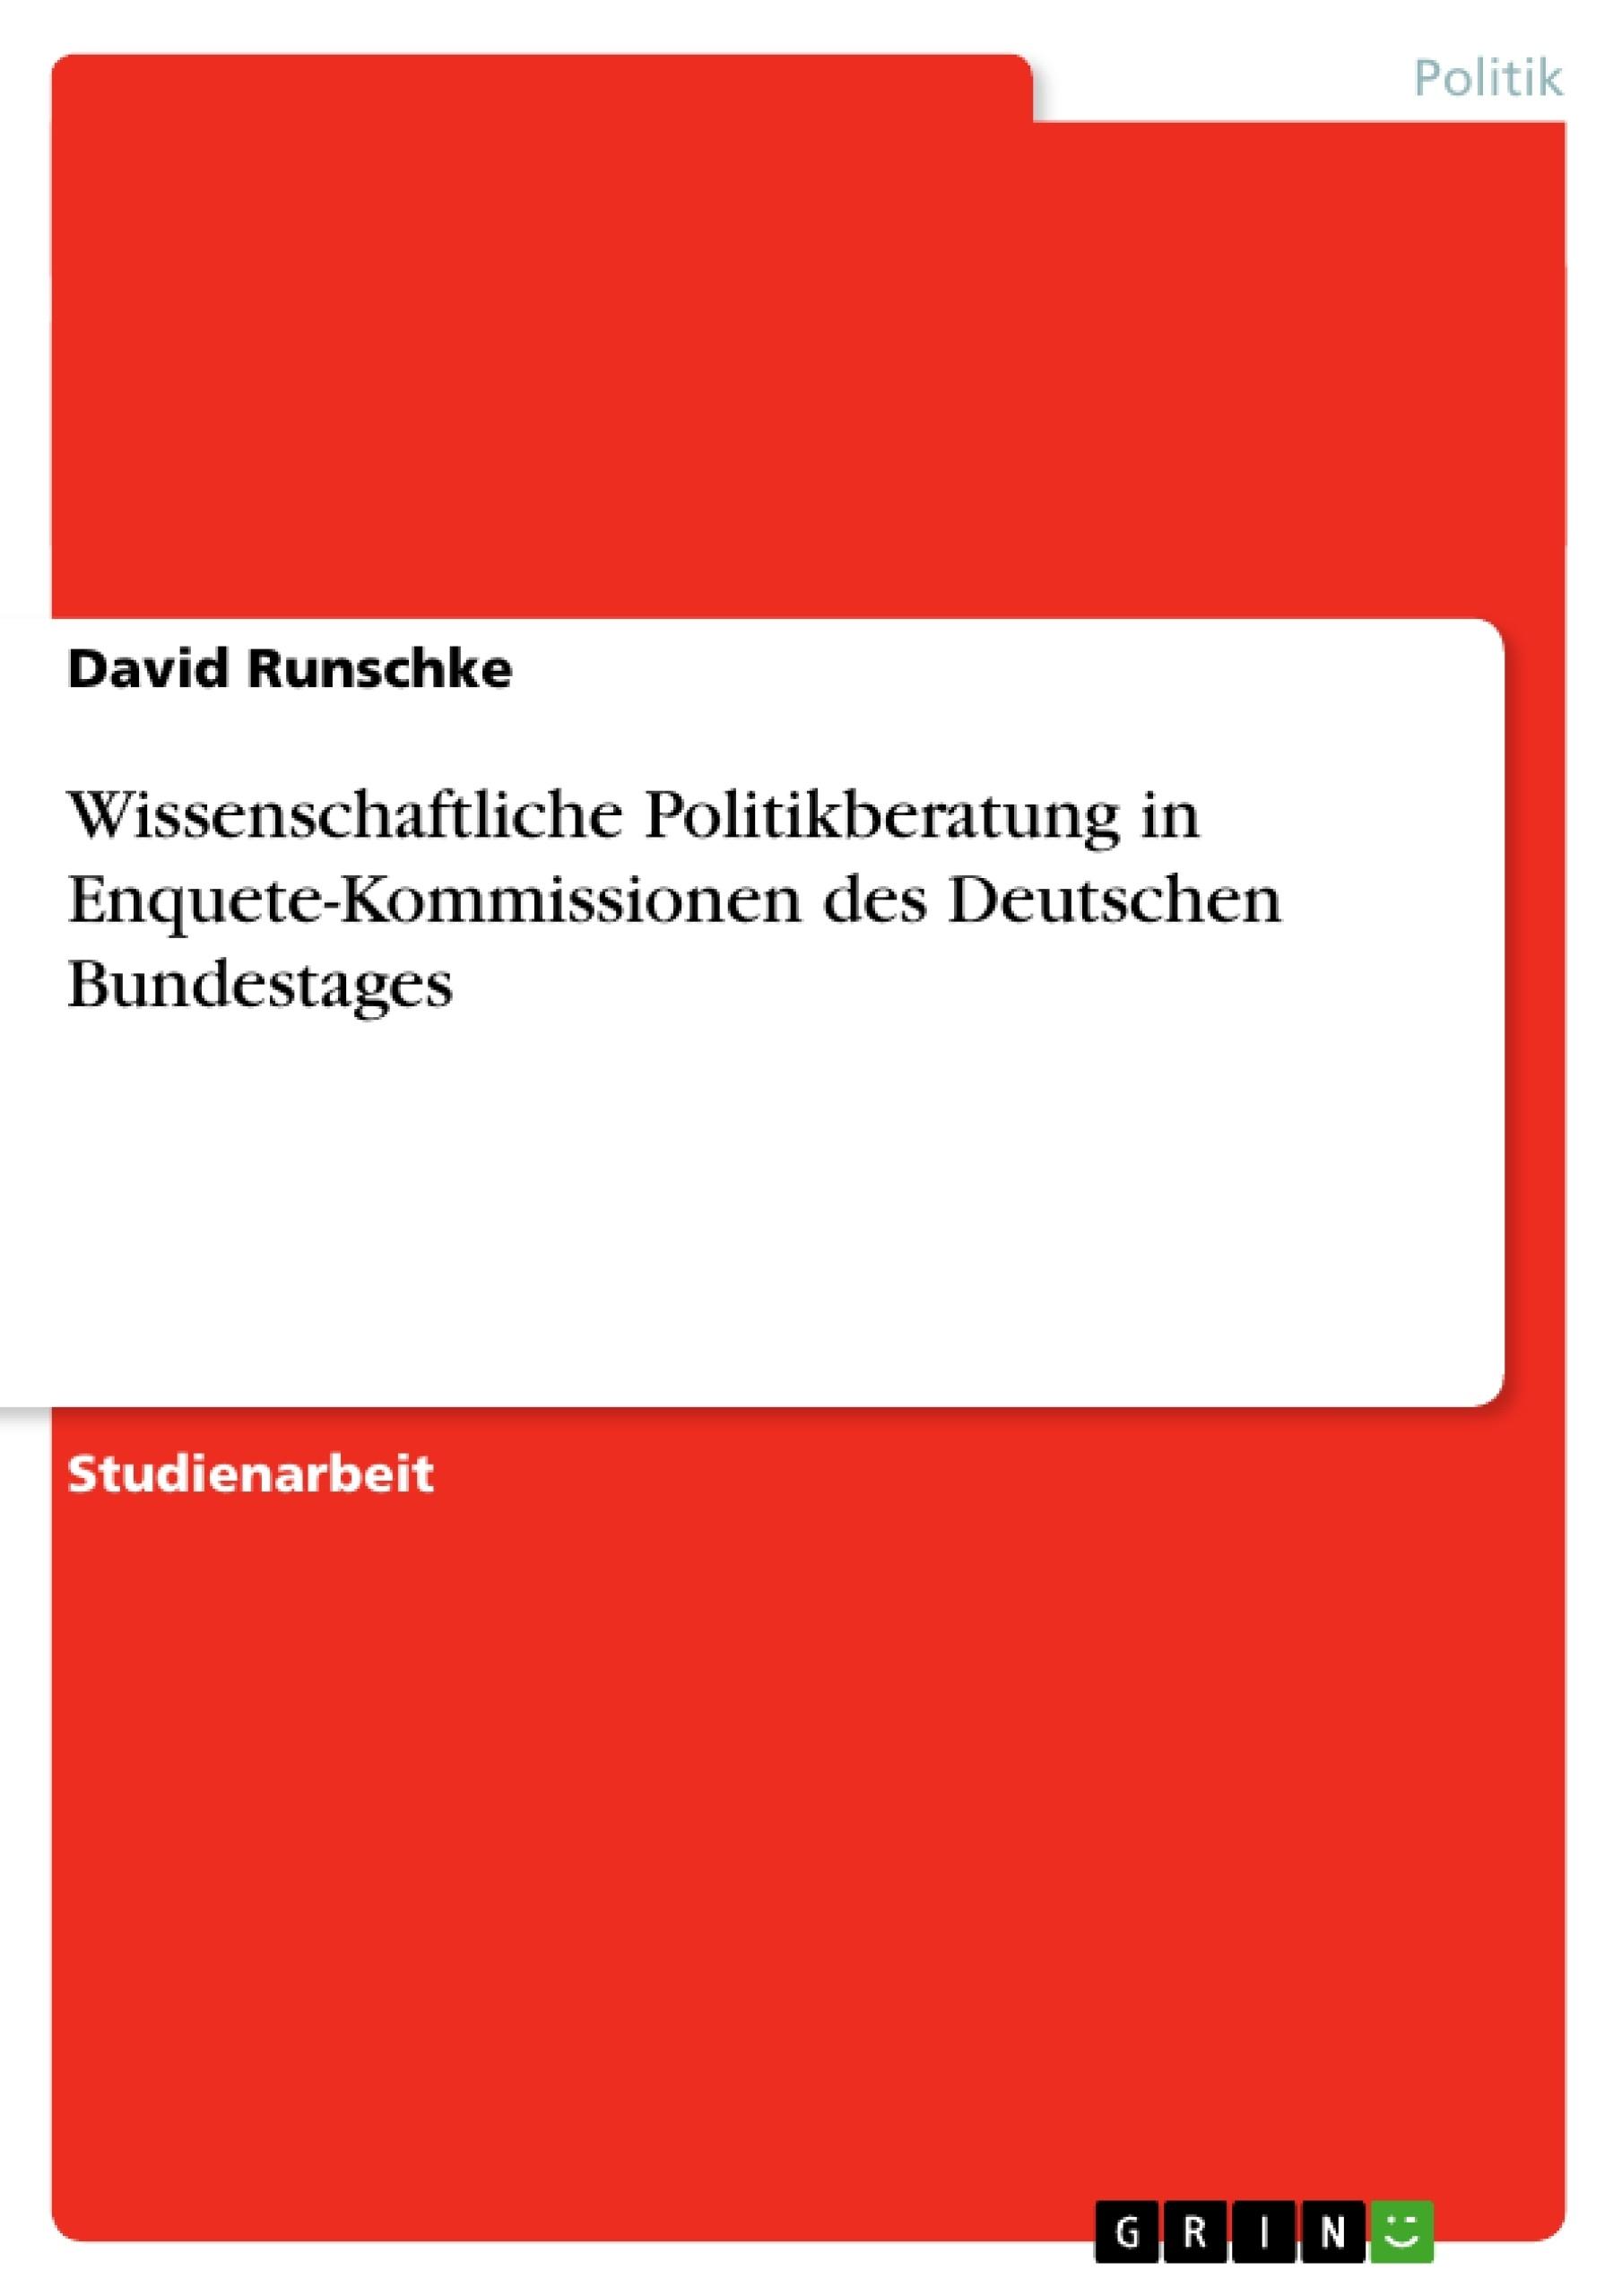 Titel: Wissenschaftliche Politikberatung in Enquete-Kommissionen des Deutschen Bundestages